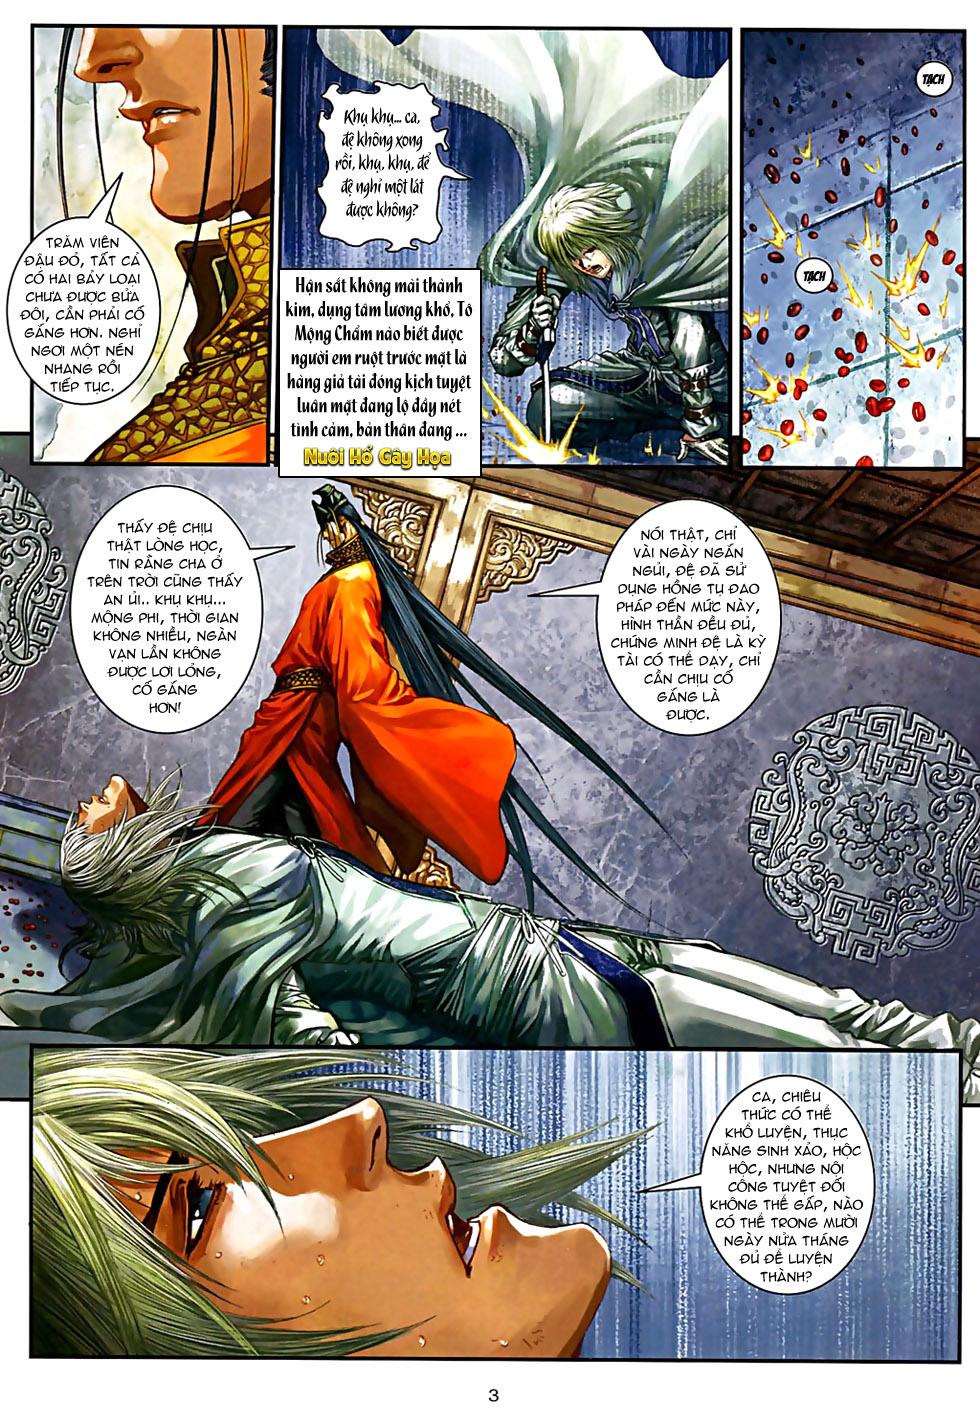 Ôn Thuỵ An Quần Hiệp Truyện Phần 2 chapter 32 trang 4